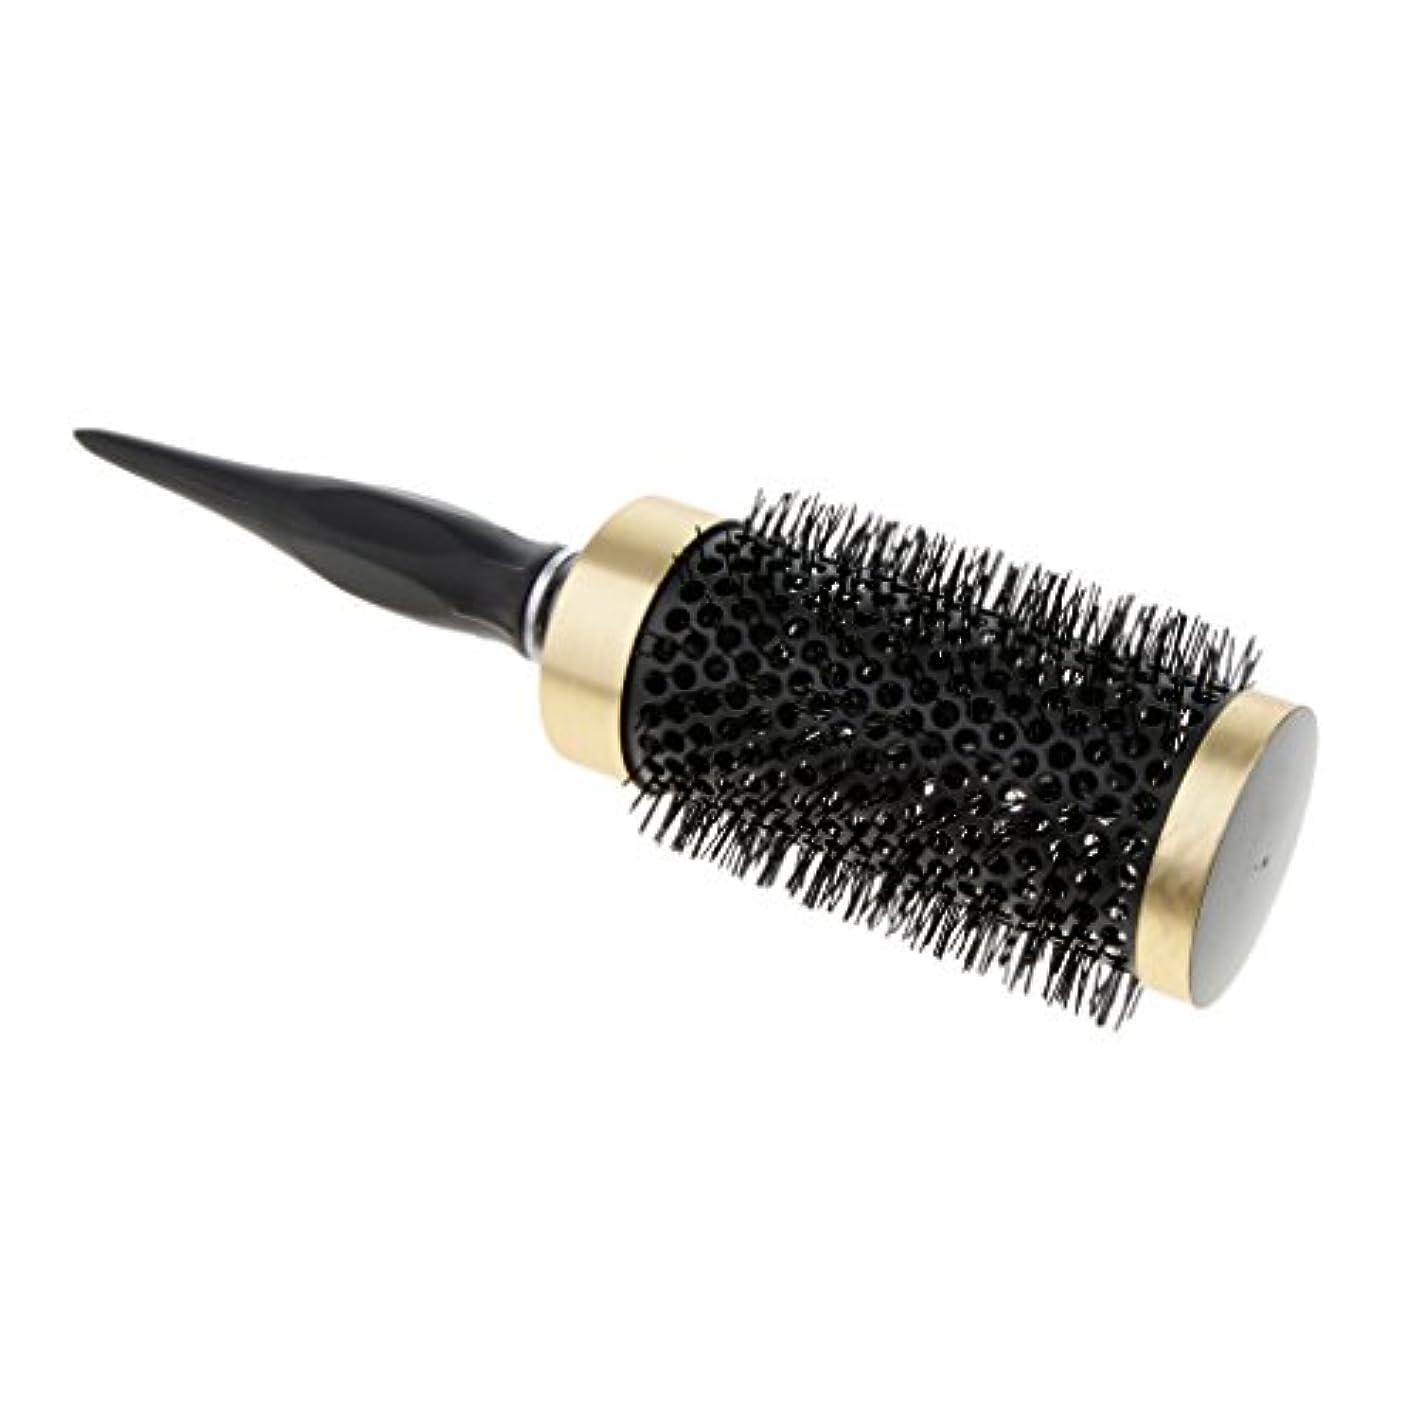 溝同封する電気的Perfk ロールブラシ ヘアブラシ ナイロンブラシ 静電気防止  カーリング 巻き髪ヘア 全5サイズ - 52mm